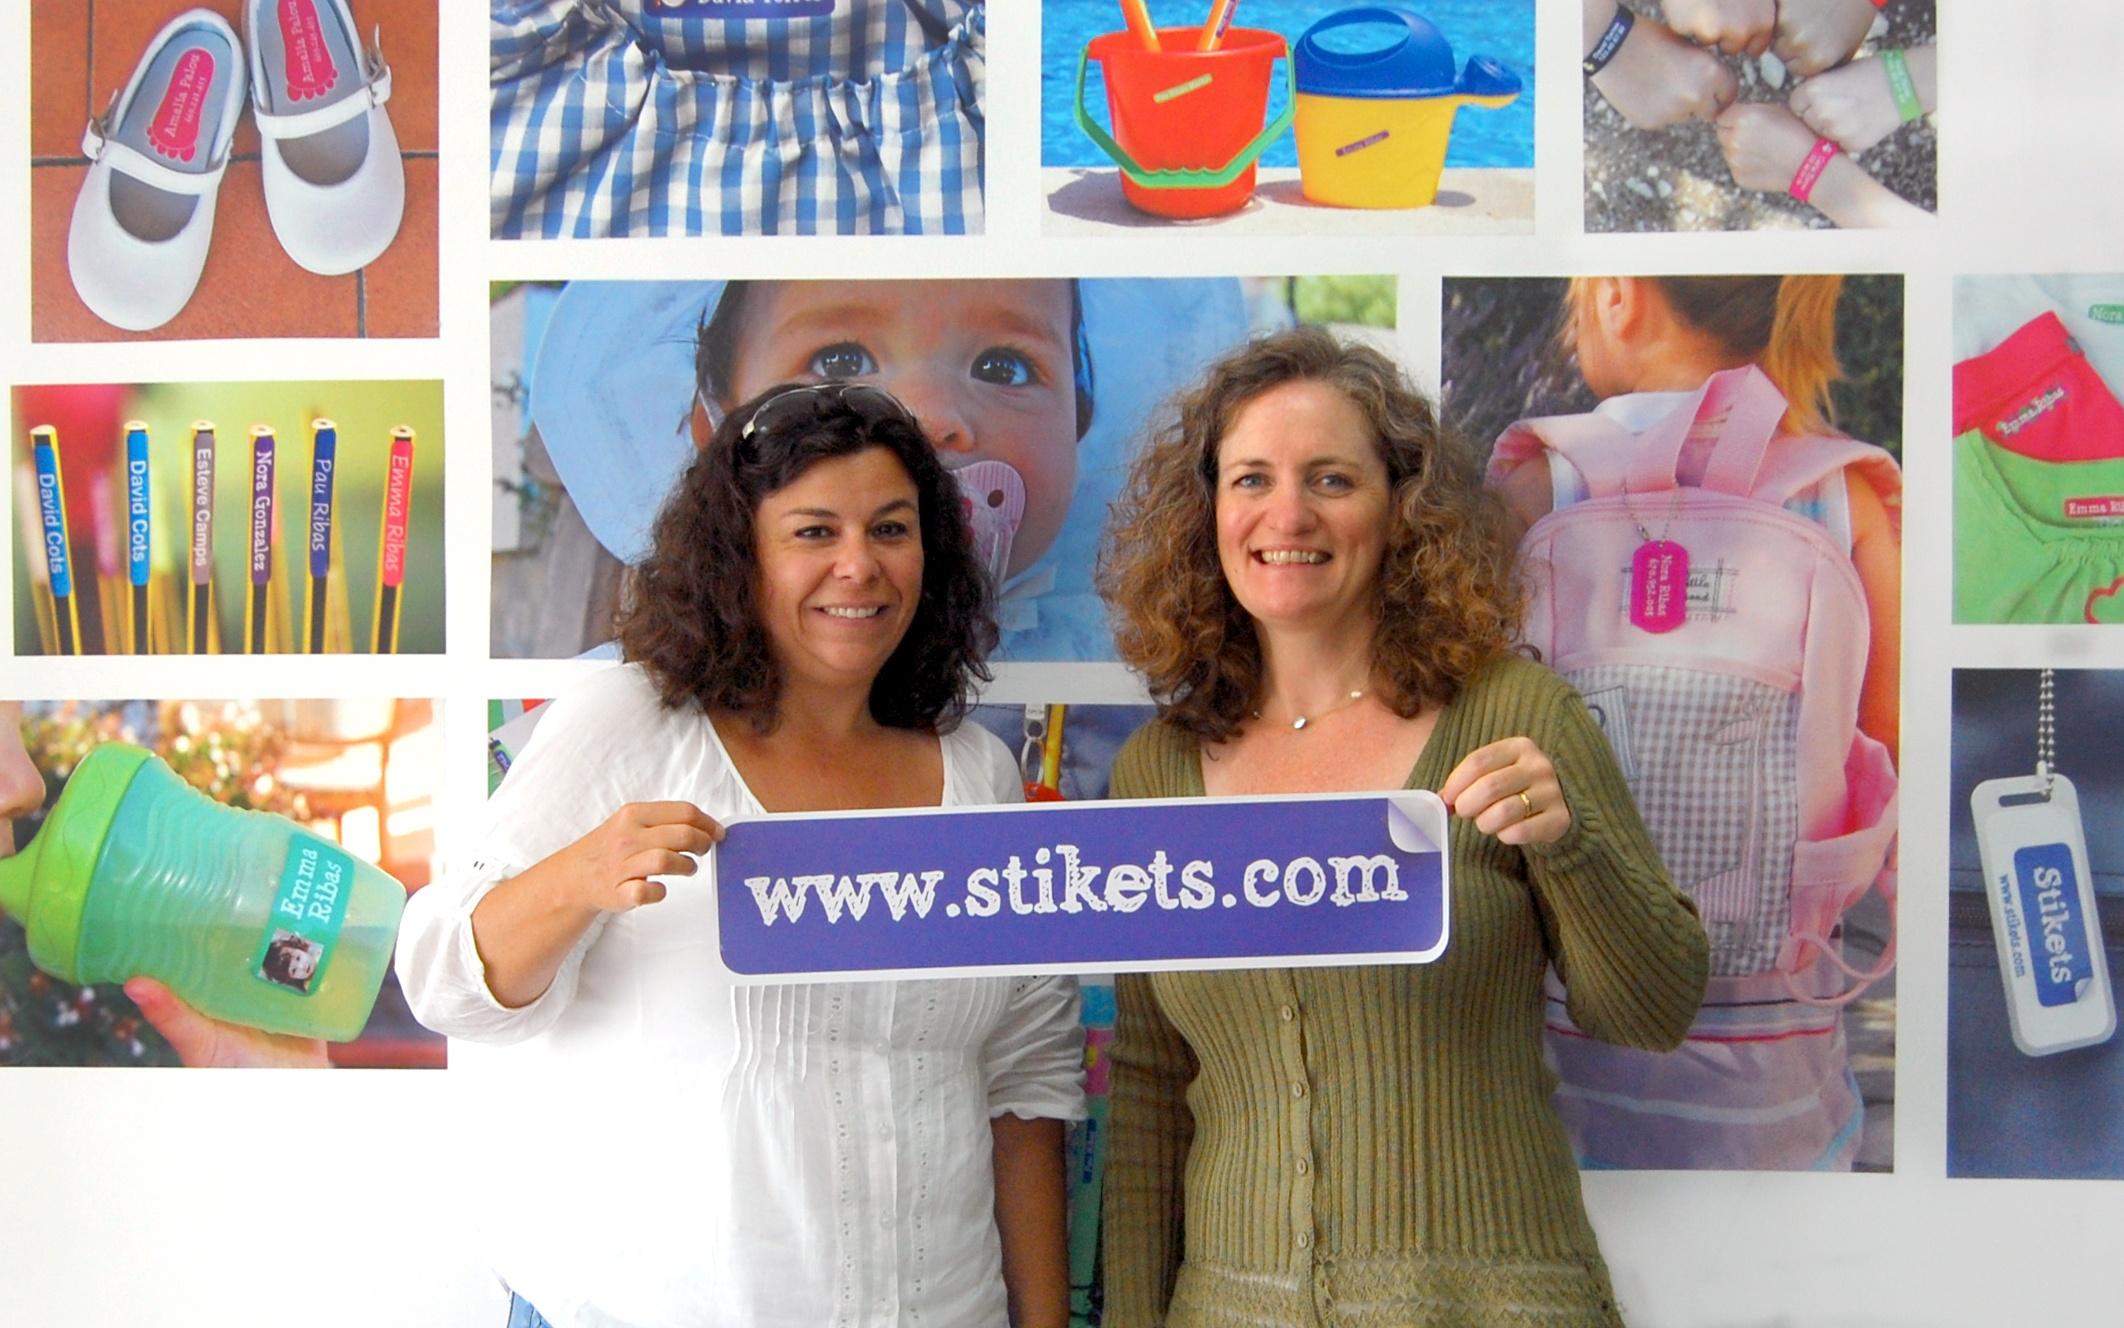 La catalana Stikets cierra el 2014 con 4 millones de etiquetas vendidas